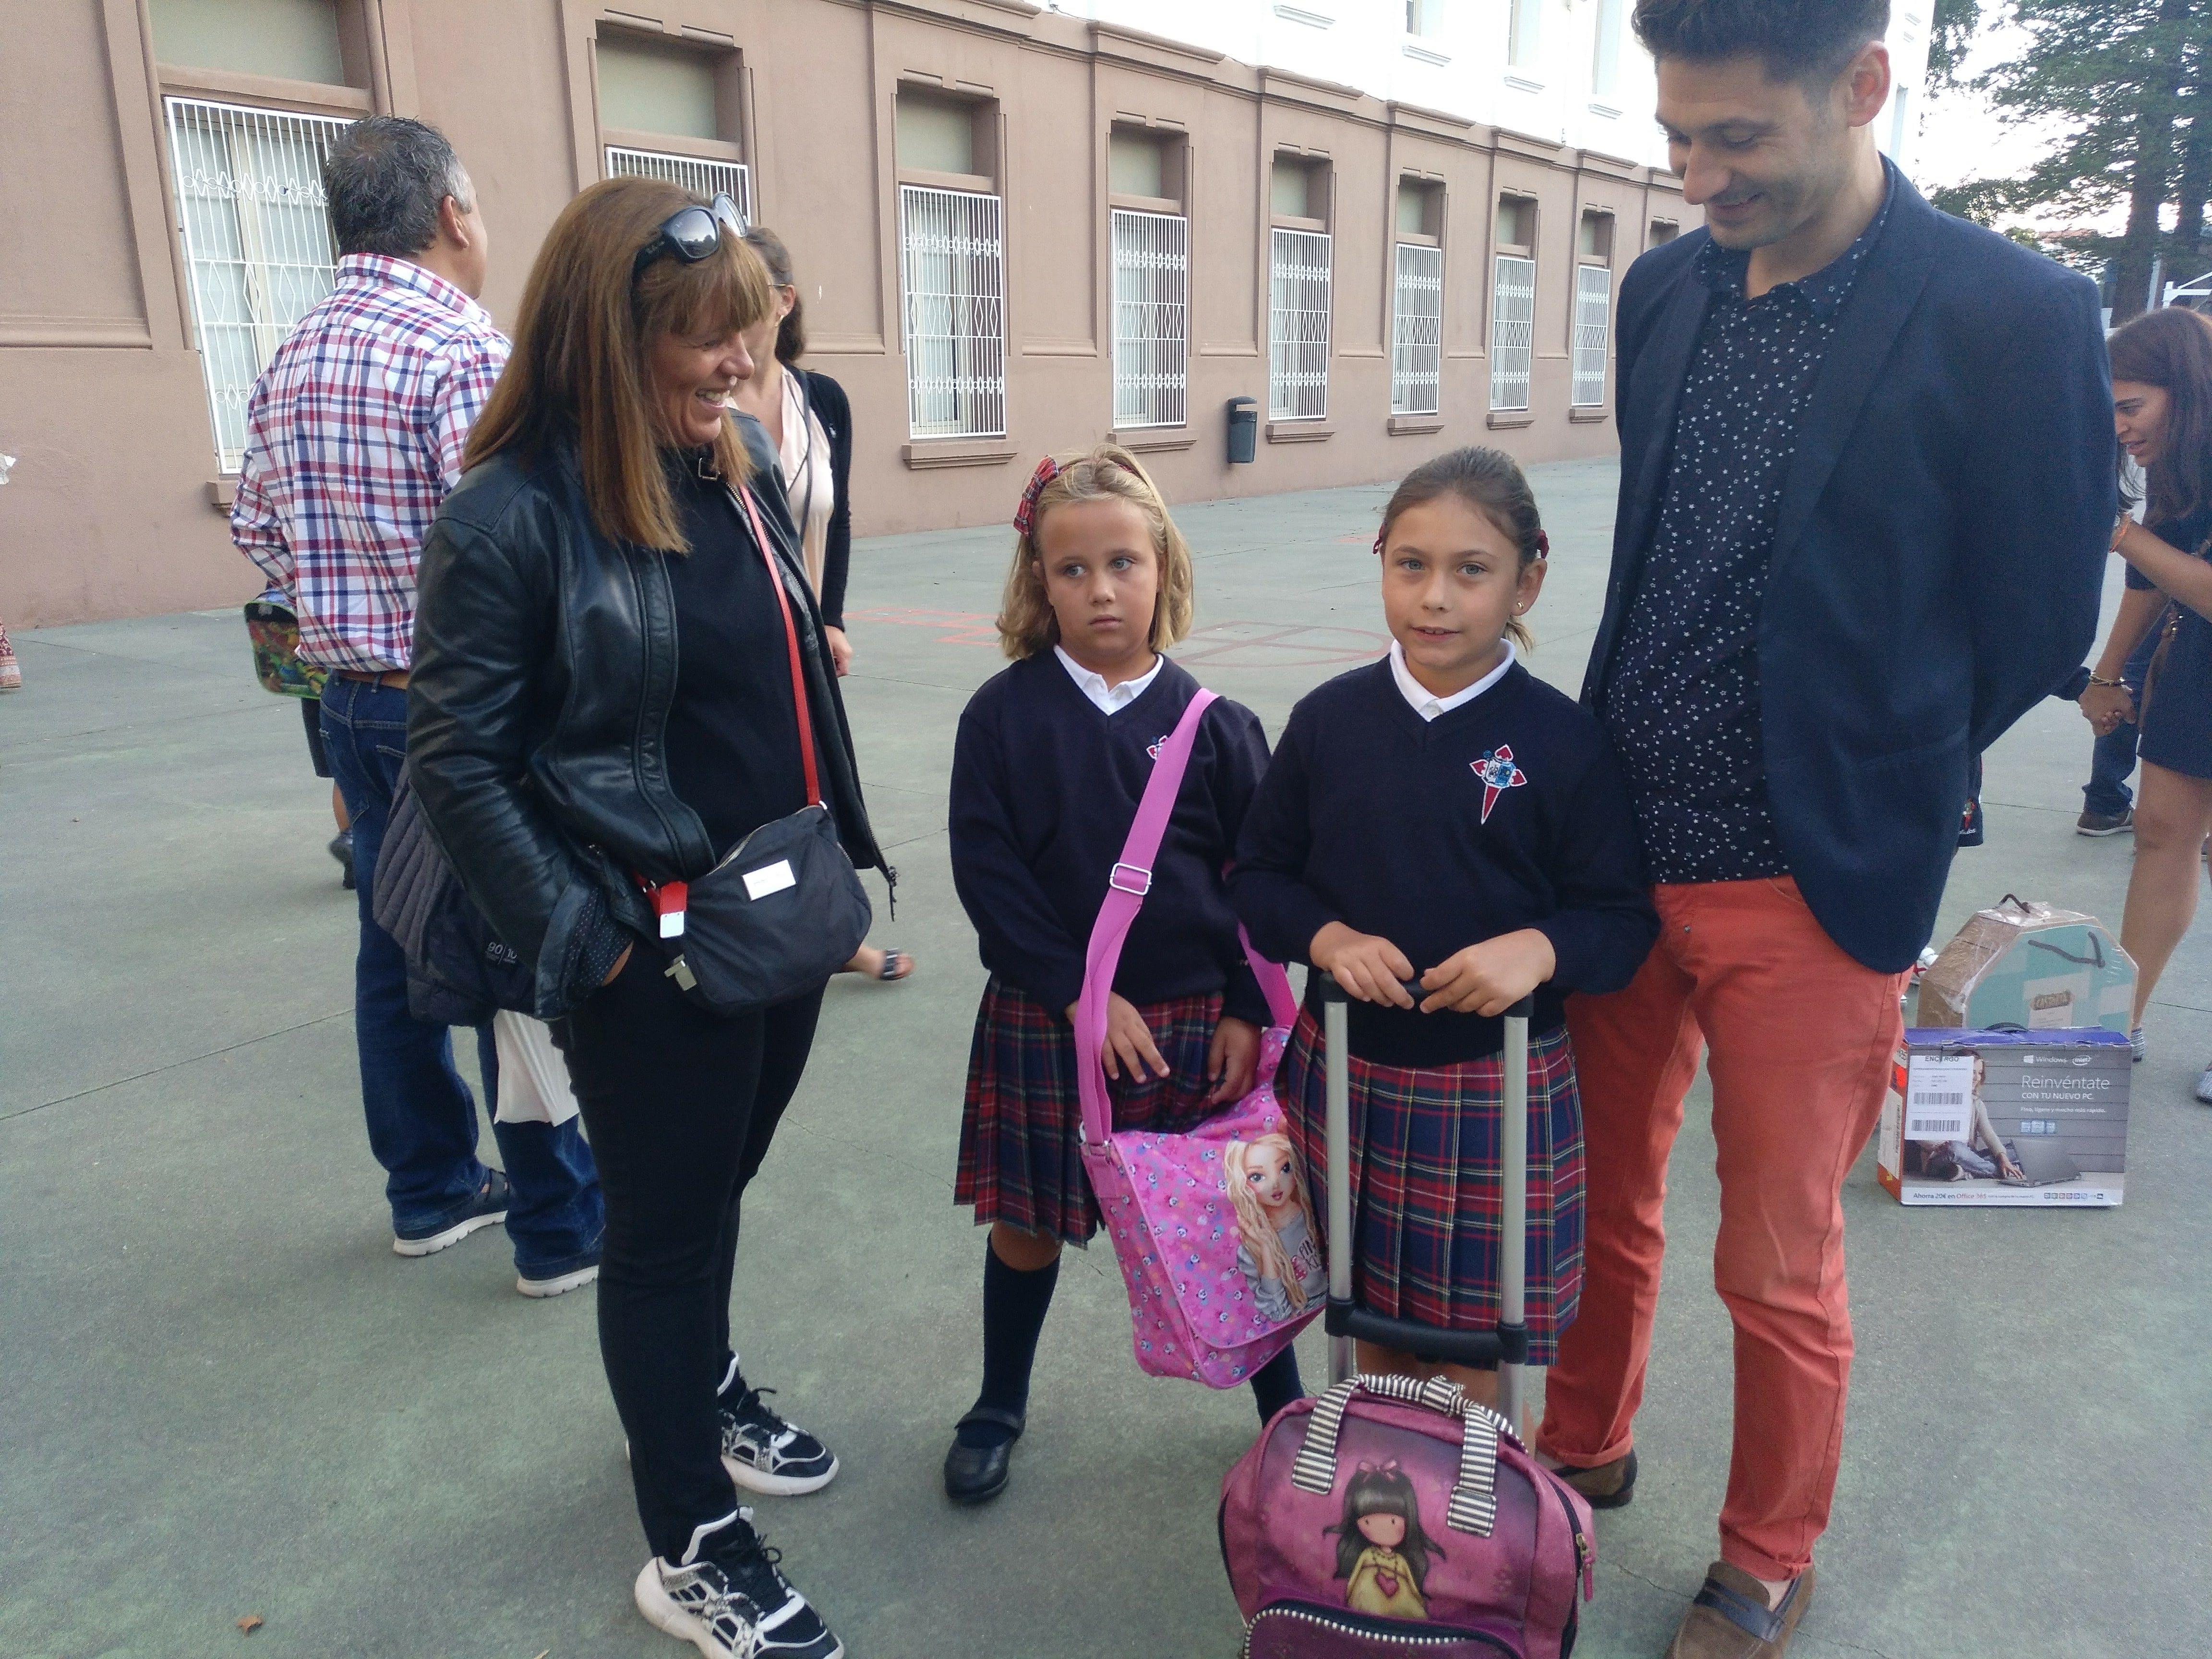 Familia no primeiro día de clase